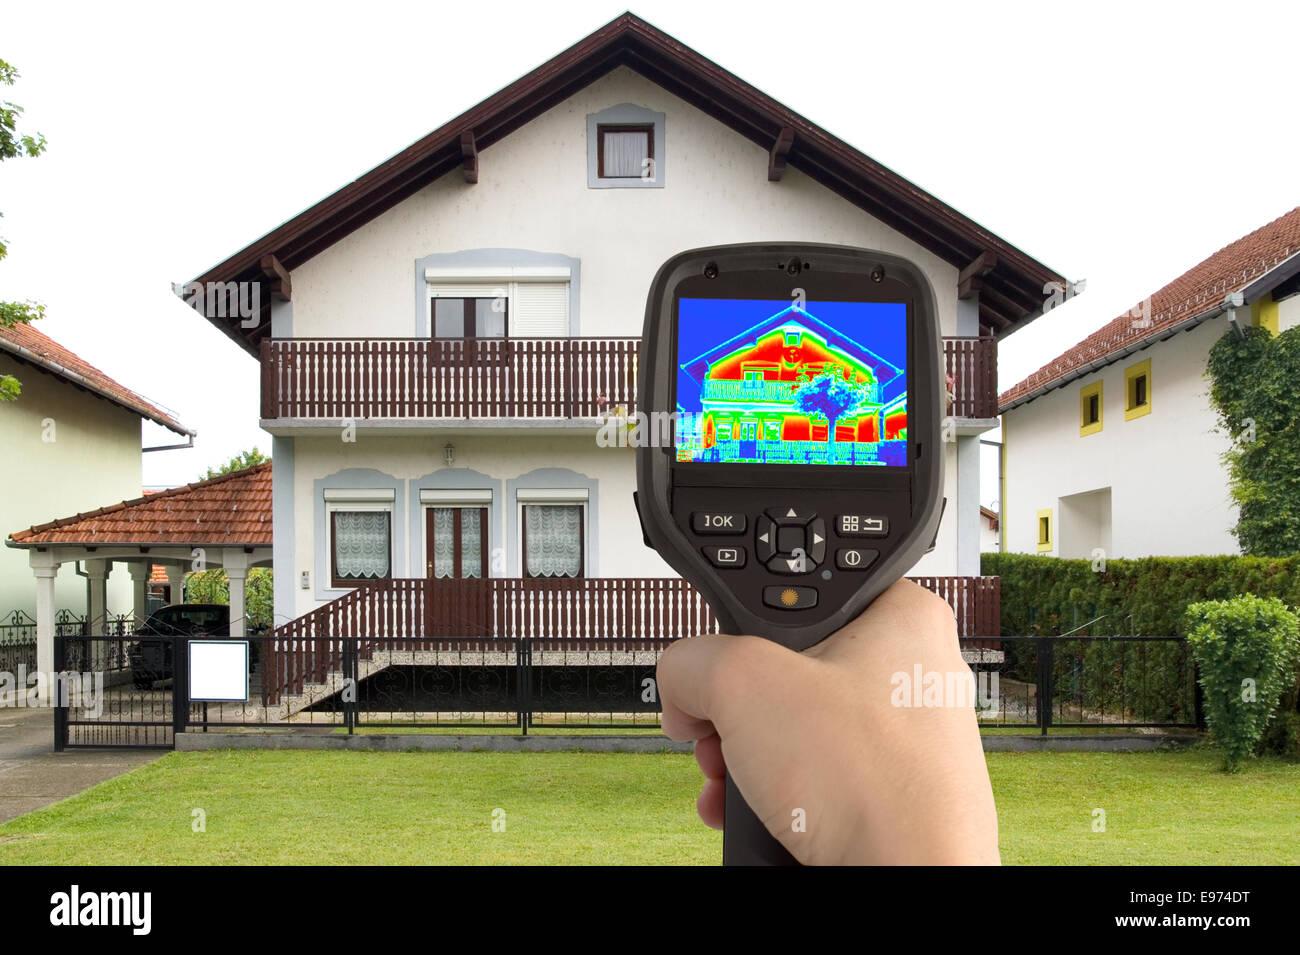 Immagine termica della casa Immagini Stock